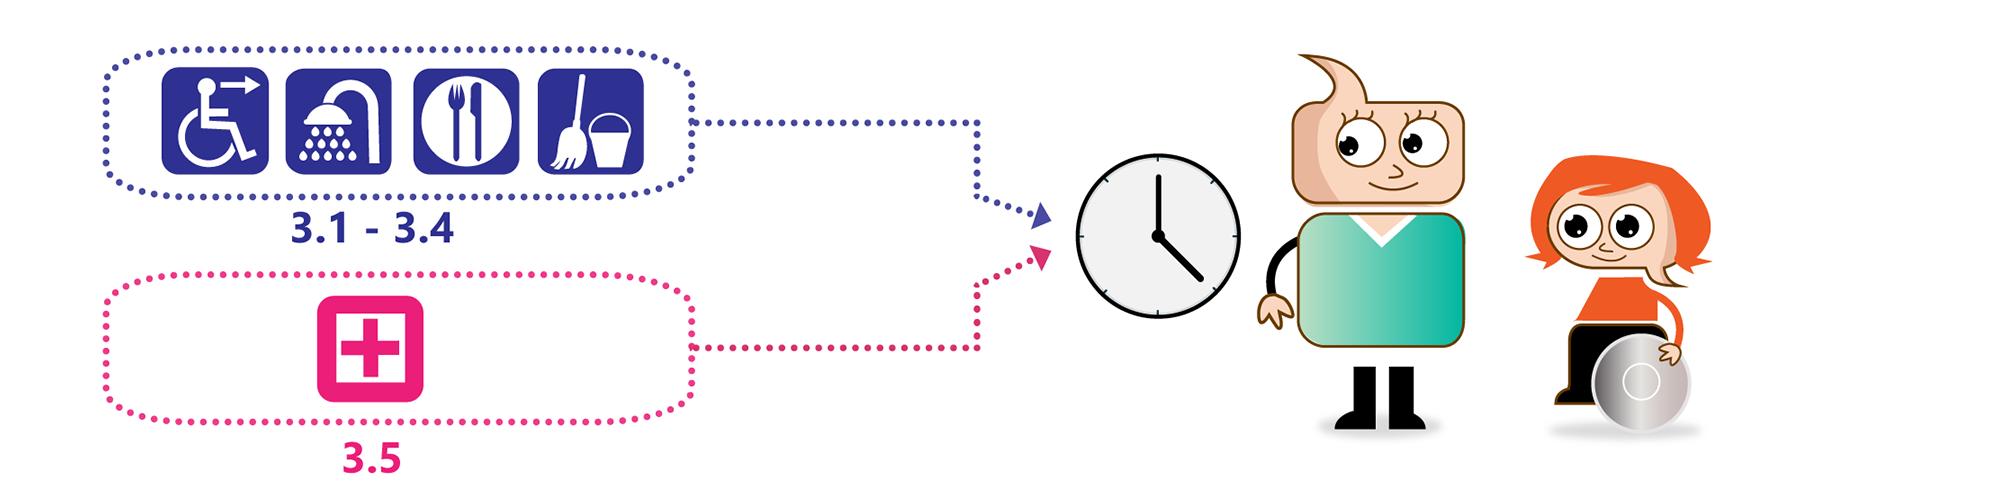 Illustrasjon til del 3 - Snakk om BPA Bildet illustrer ulik form for personlig assistanse til daglige gjøremål og det som er symbol for helsetjenester.